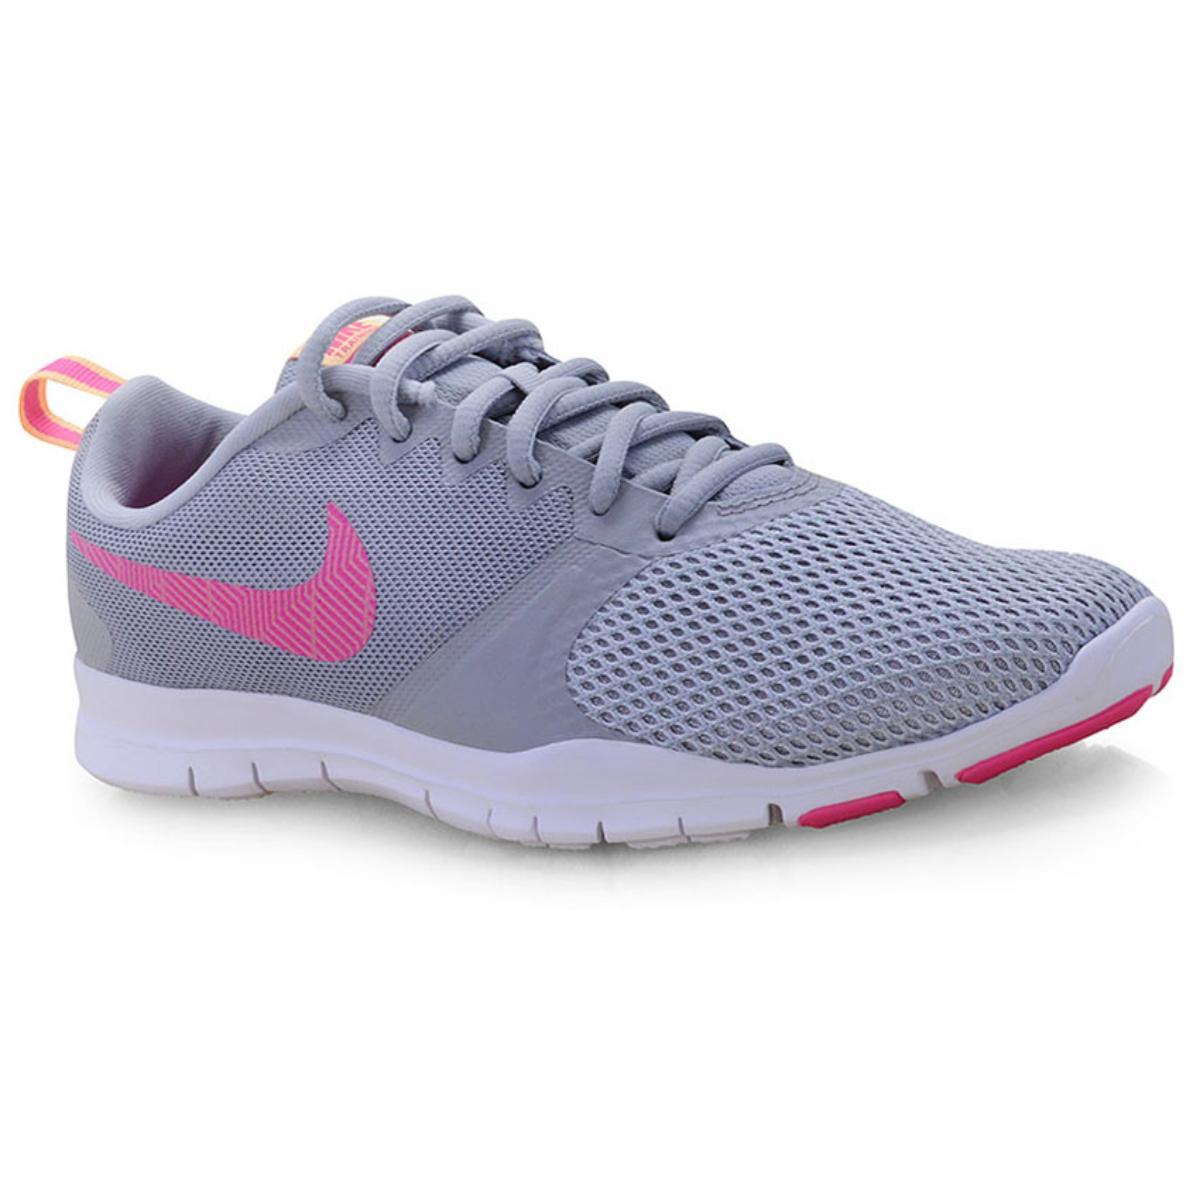 Tênis Feminino Nike 924344-008 Wmns Flex Essential Training Shoe Cinza/rosa